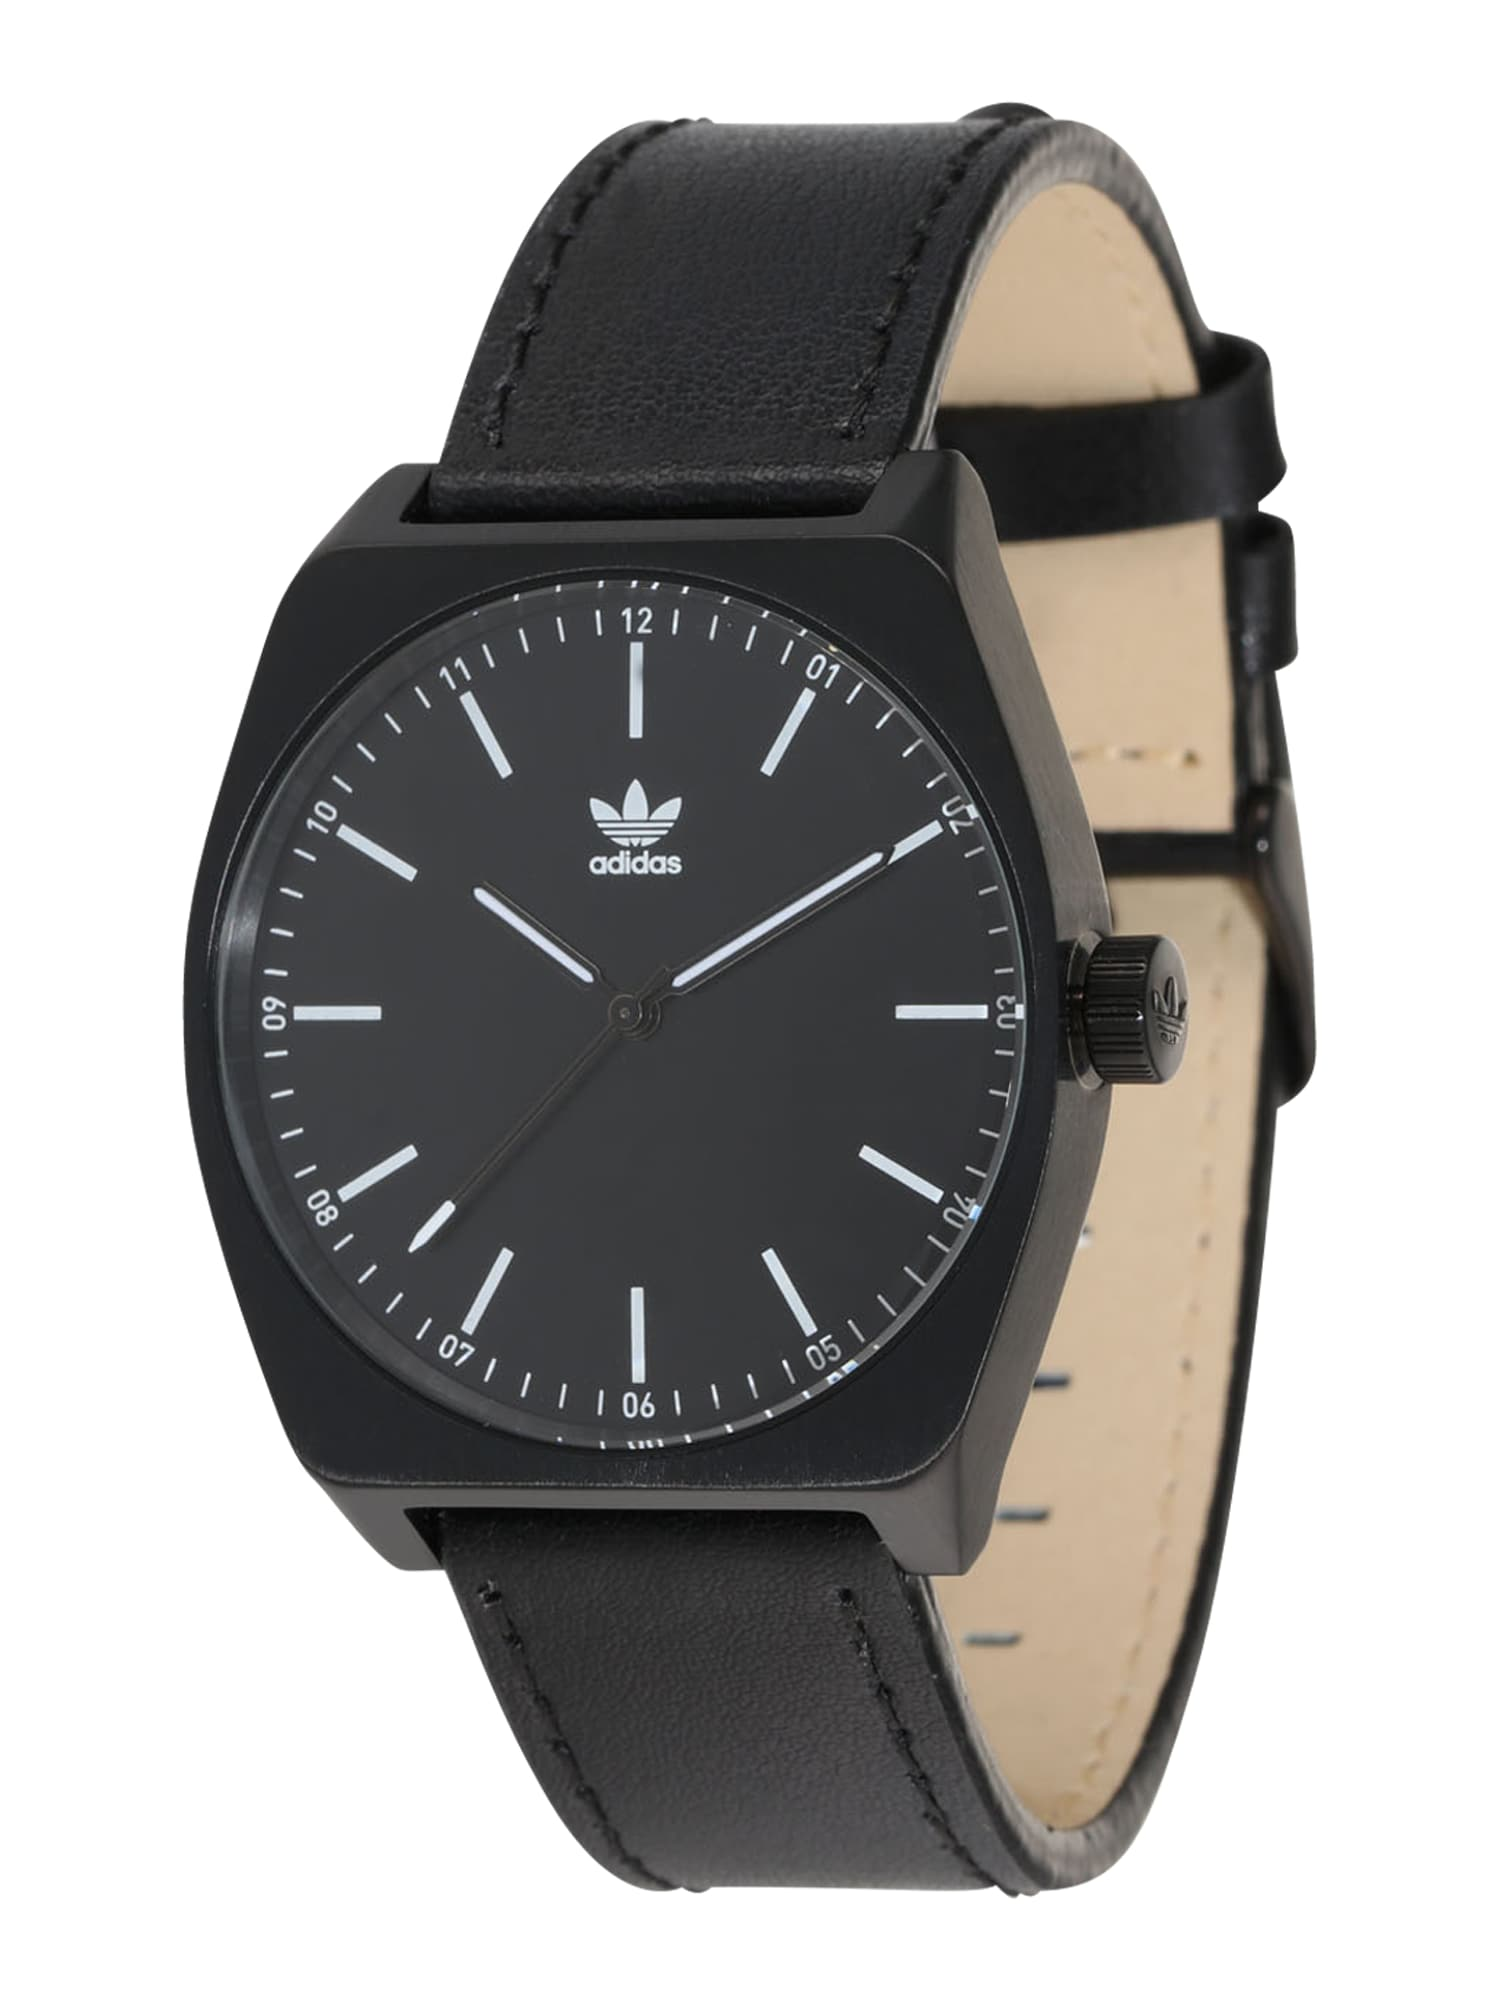 ADIDAS ORIGINALS, Heren Analoog horloge 'Process_L1', zwart